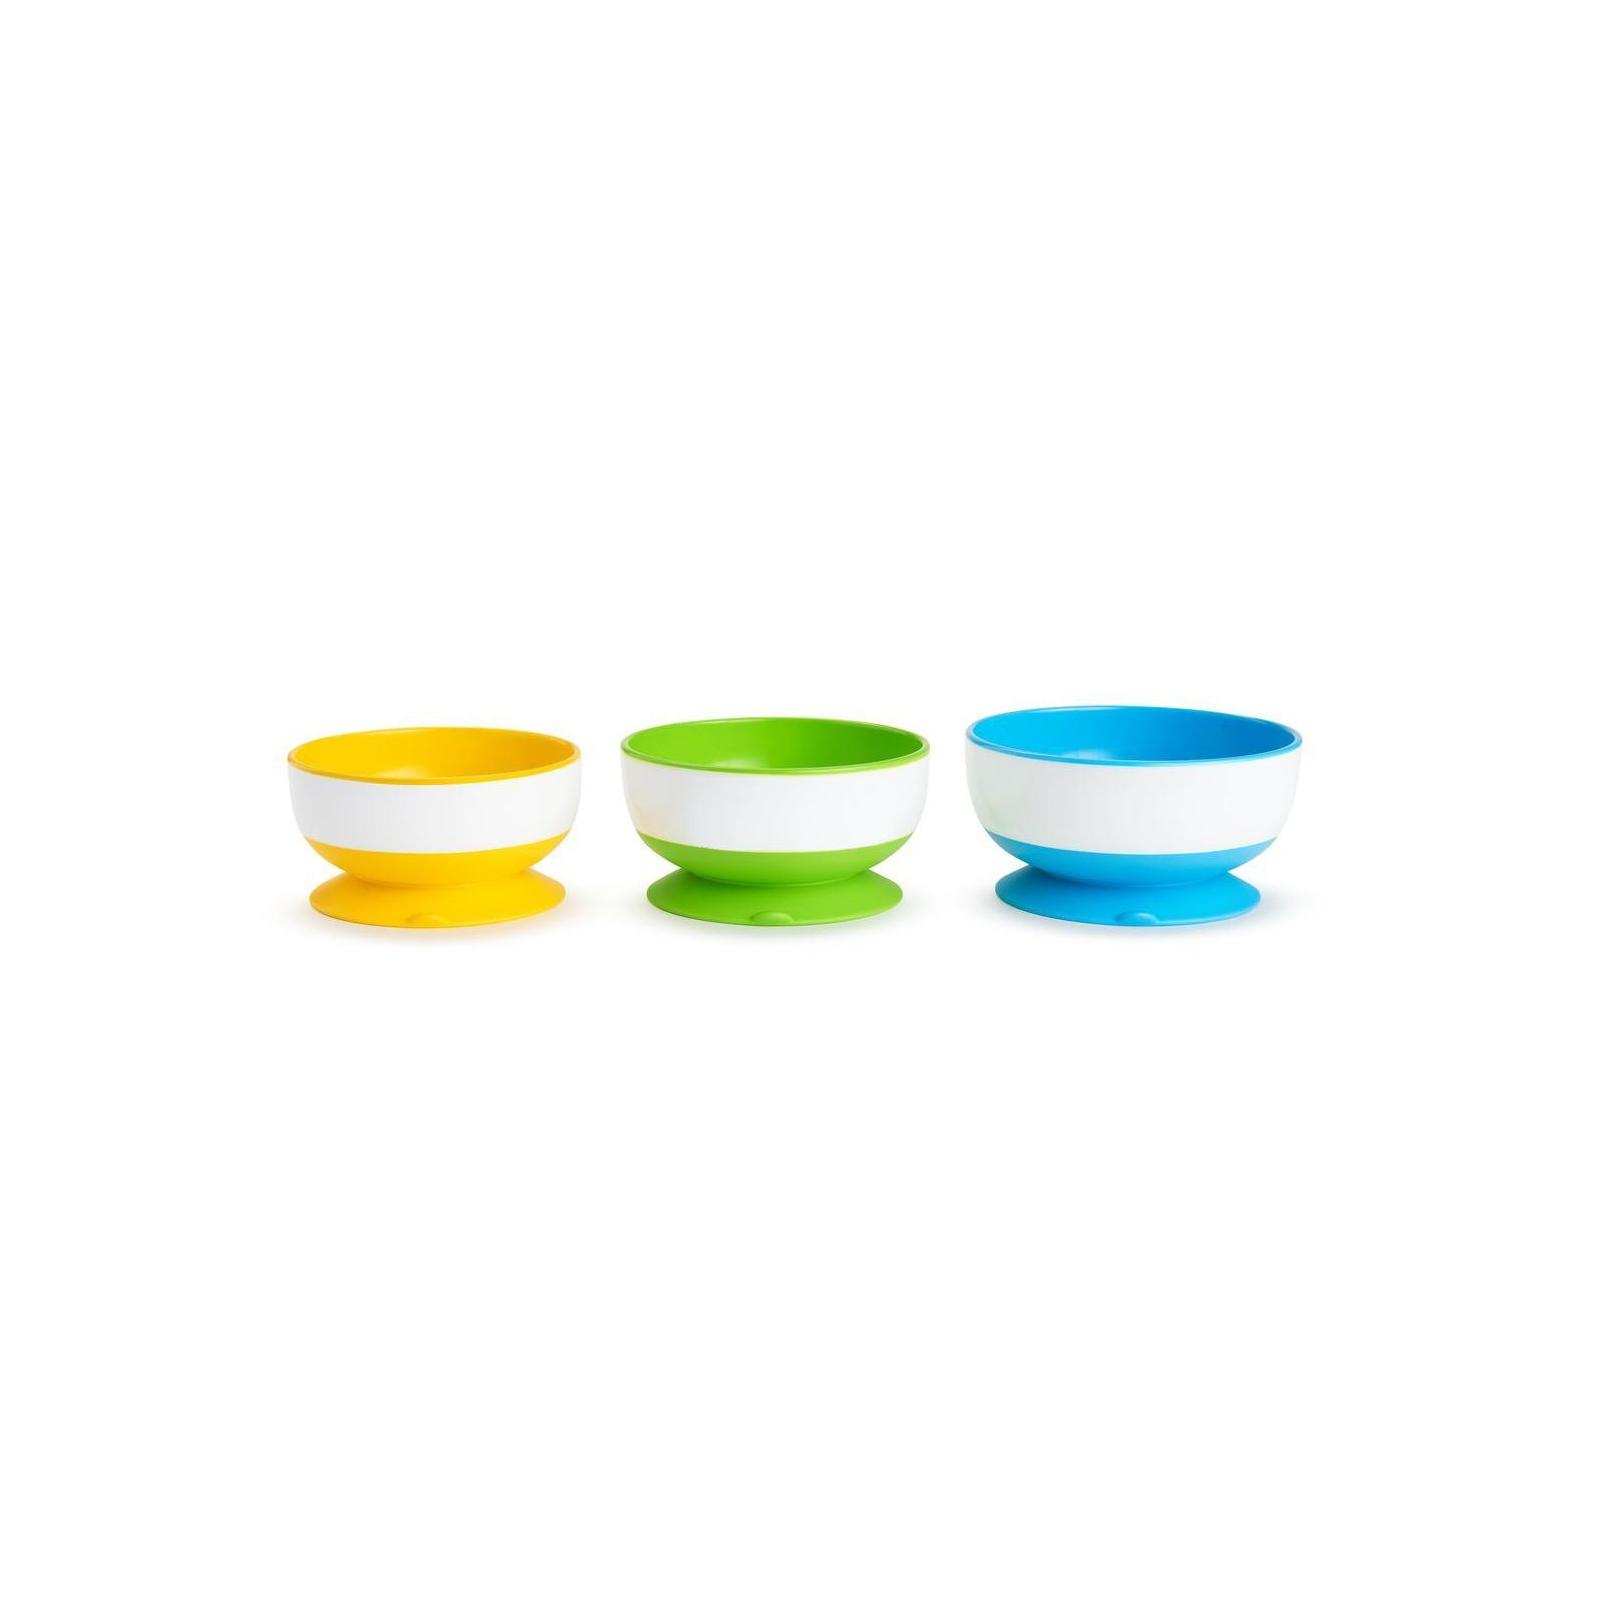 Набор детской посуды Munchkin тарелки с присосками 3 шт. (01107504)